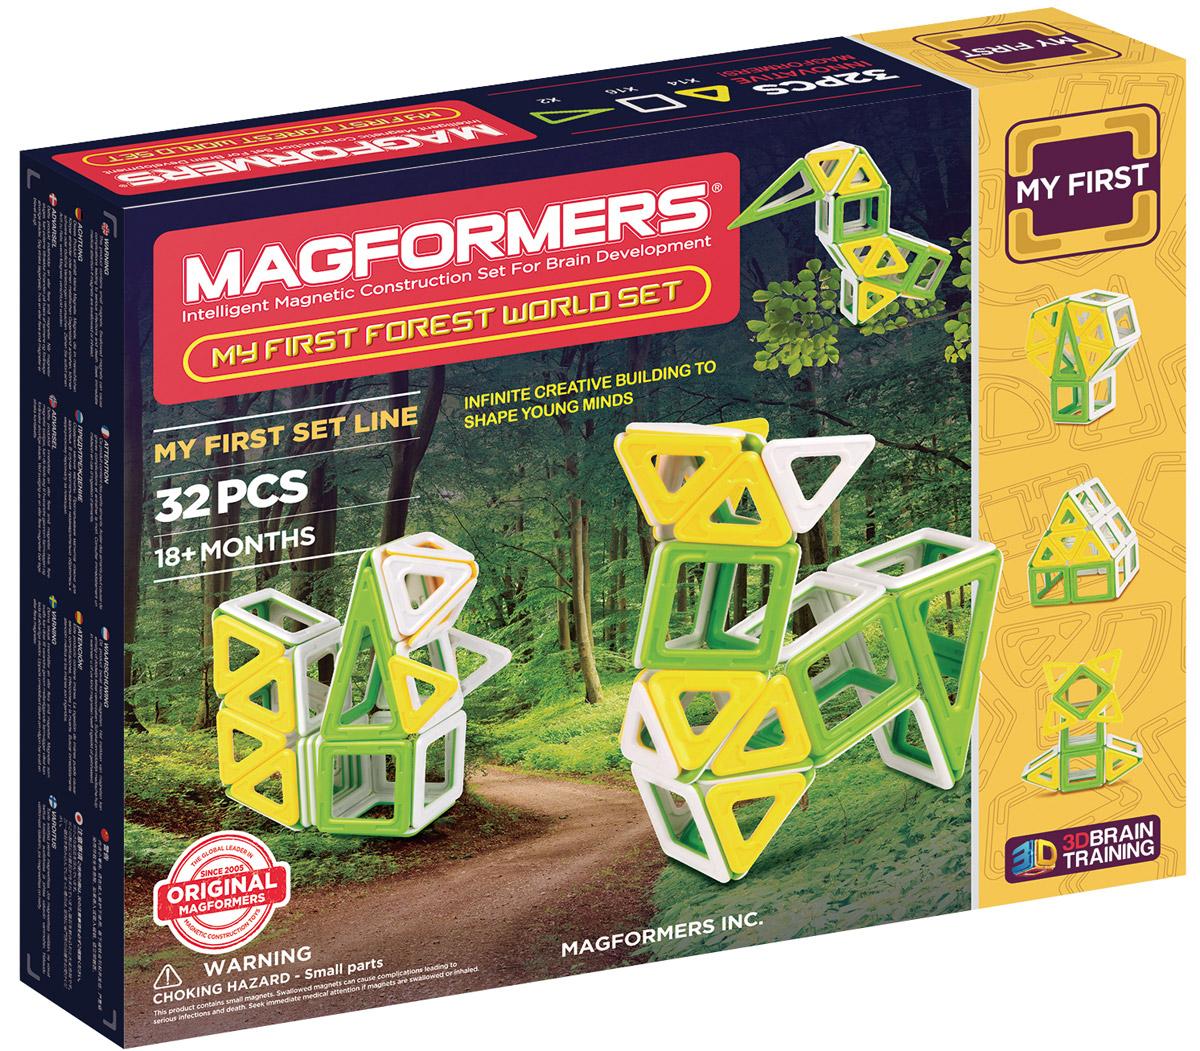 Magformers Магнитный конструктор My First Forest702009My First Forest World Set — пополнение в семейству конструкторов Magformers, посвященных природной тематике, таких как My First Ice World Set и My First Sand World Set. Новый набор посвящен лесу. Детали окрашены в мягкие, напоминающие солнечную лесную опушку цвета: травянисто-зеленый, желтый и белый. В состав набора входят квадраты, треугольники и равнобедренные треугольники, из которых можно собрать разнообразных лесных зверьков, деревья и даже лесную хижину. Этот маленький добрый набор подойдет как для первого знакомства с миром Магформерс, так и для тех, кто хочет разнообразить свою коллекцию. В комплект также входит красочно иллюстрированная Книга идей с подробными схемами сборки лесных обитателей. Вы сможете собрать зайчика, олененка, сову, лисичку или включить воображение и придумать собственного зверька. Набор станет отличным подарком для юного натуралиста! Конструкторы Магформерс — это неиссякаемый источник веселья и творчества! Множество различных по форме деталей позволяет...